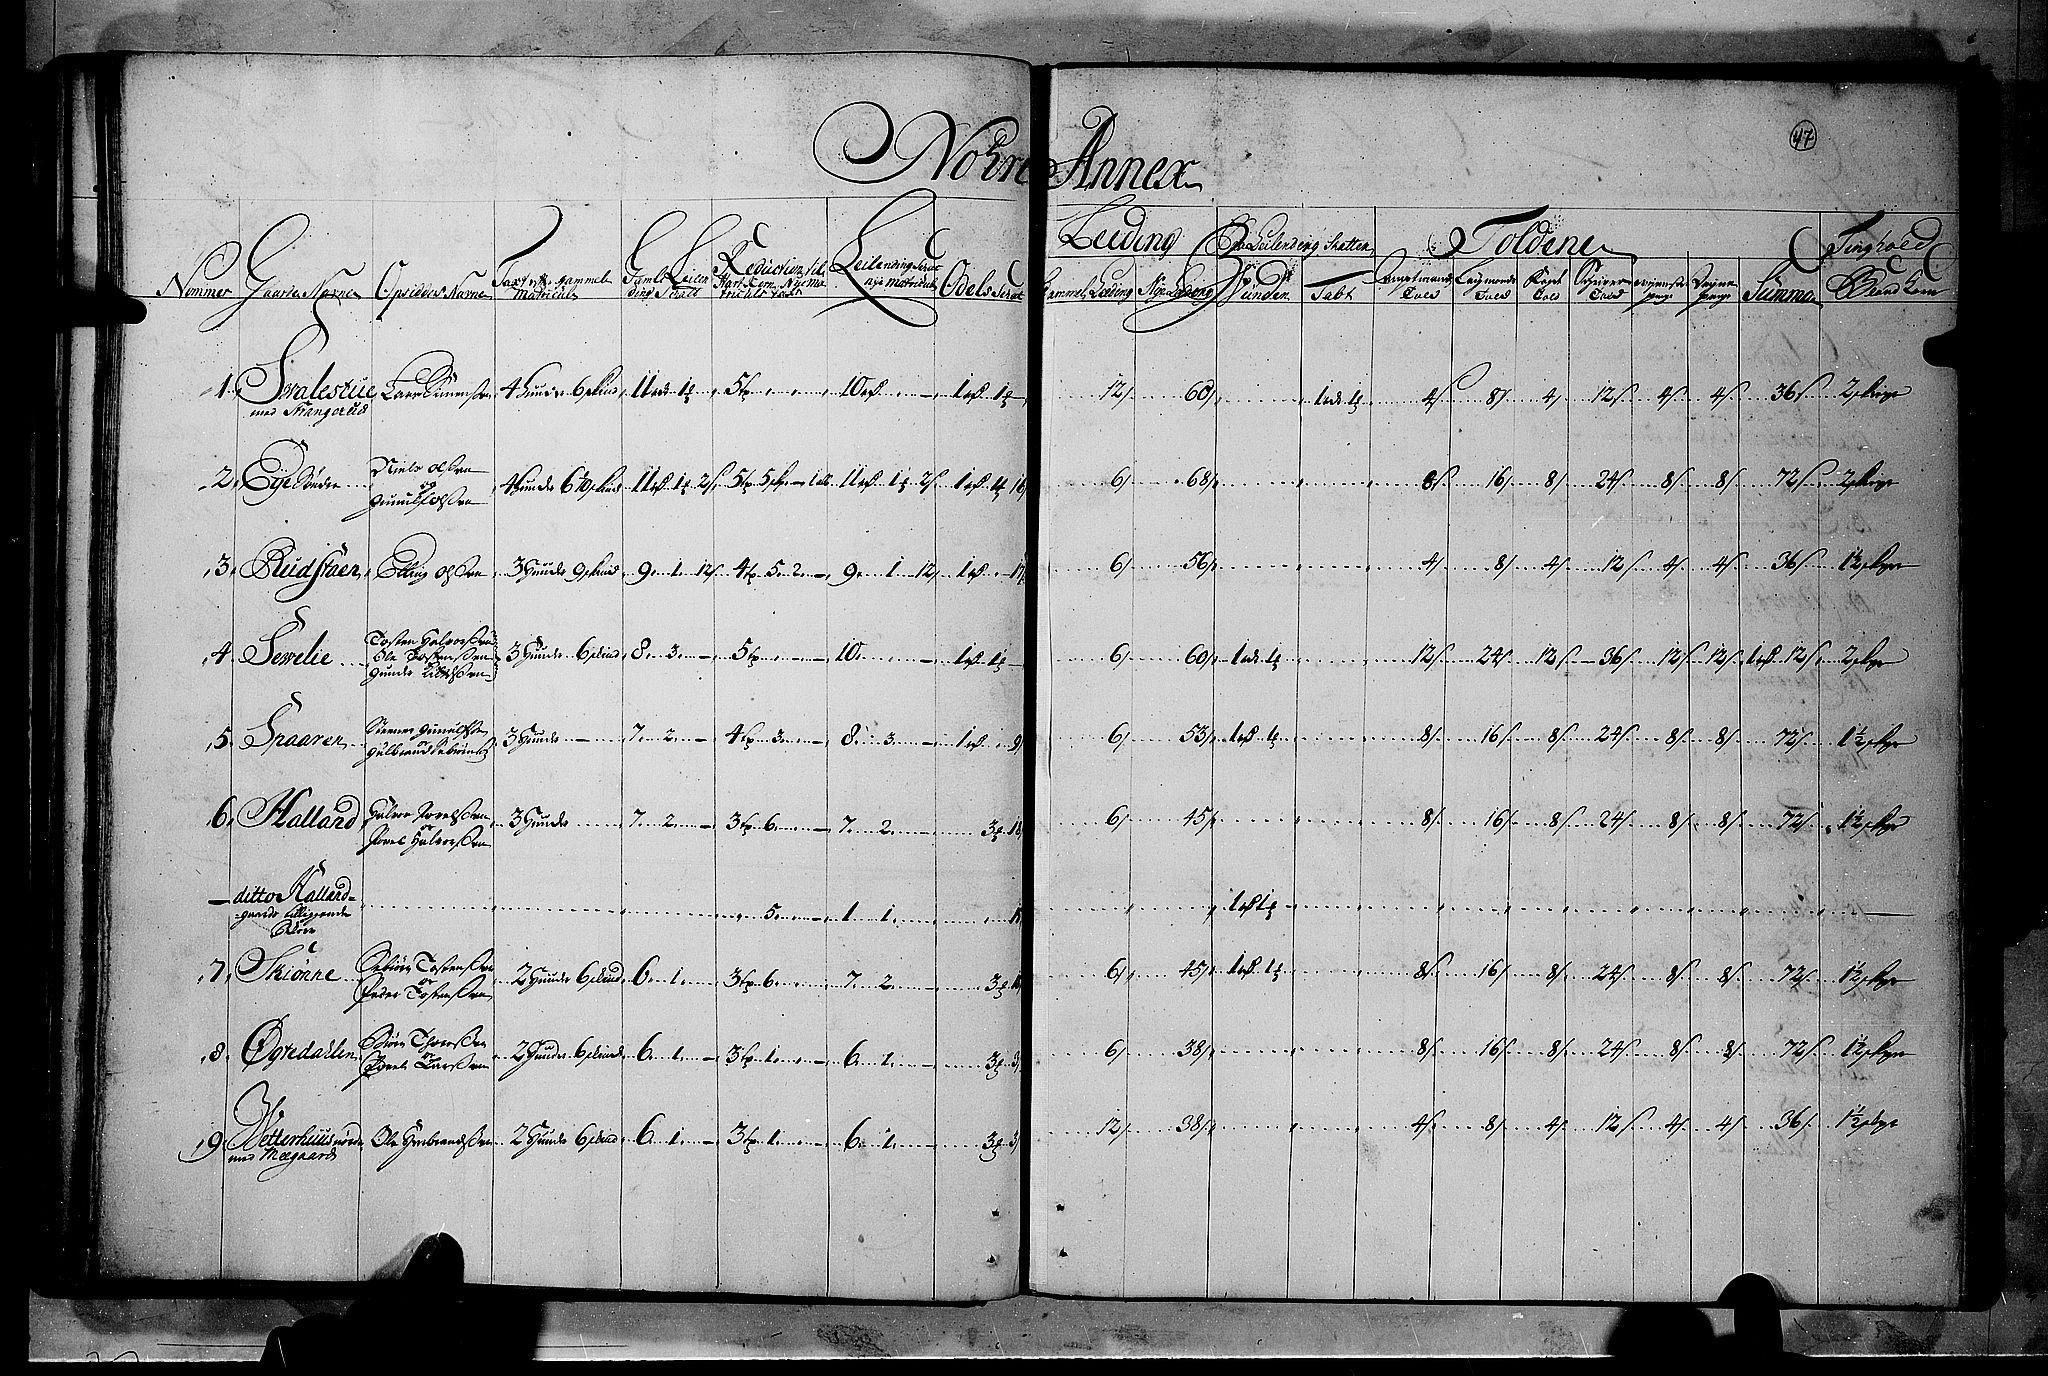 RA, Rentekammeret inntil 1814, Realistisk ordnet avdeling, N/Nb/Nbf/L0114: Numedal og Sandsvær matrikkelprotokoll, 1723, s. 46b-47a